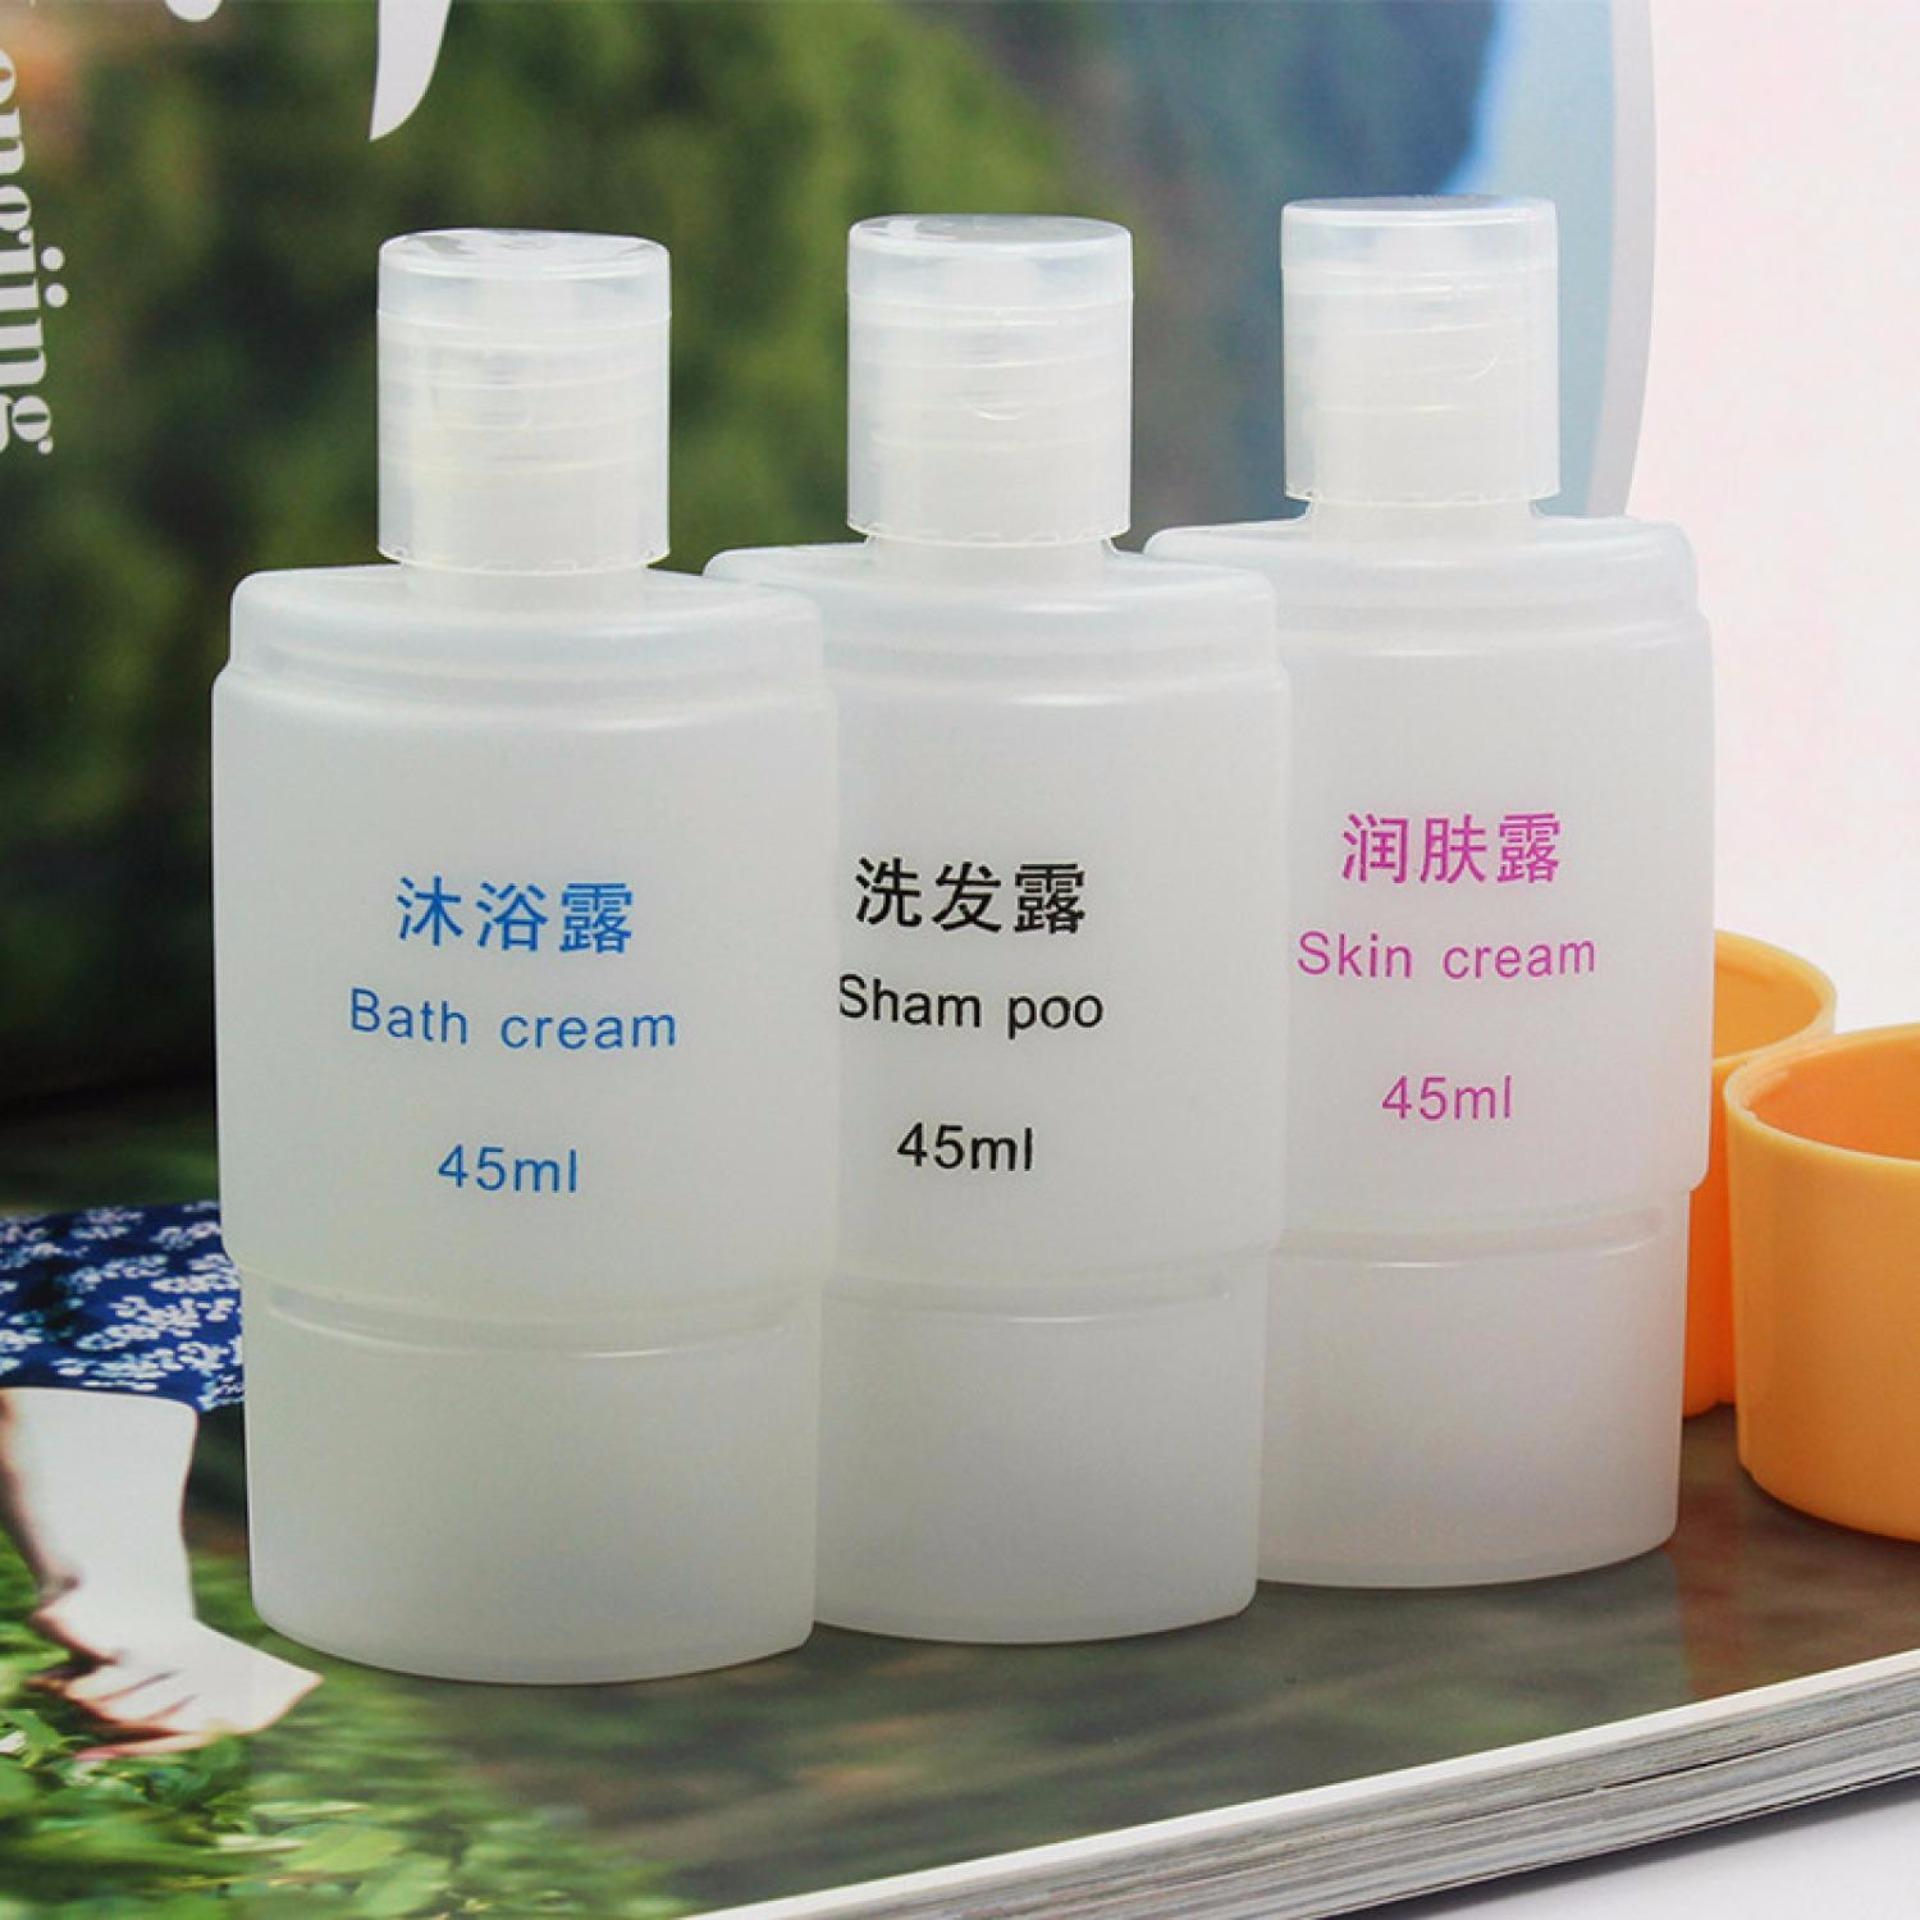 Perbandingan Harga Botol Sabun Sampo Kosmetik 3 In 1 Travel Jalan Mandi Hijau 45ml Kit Set Bottle Travelling Accessories